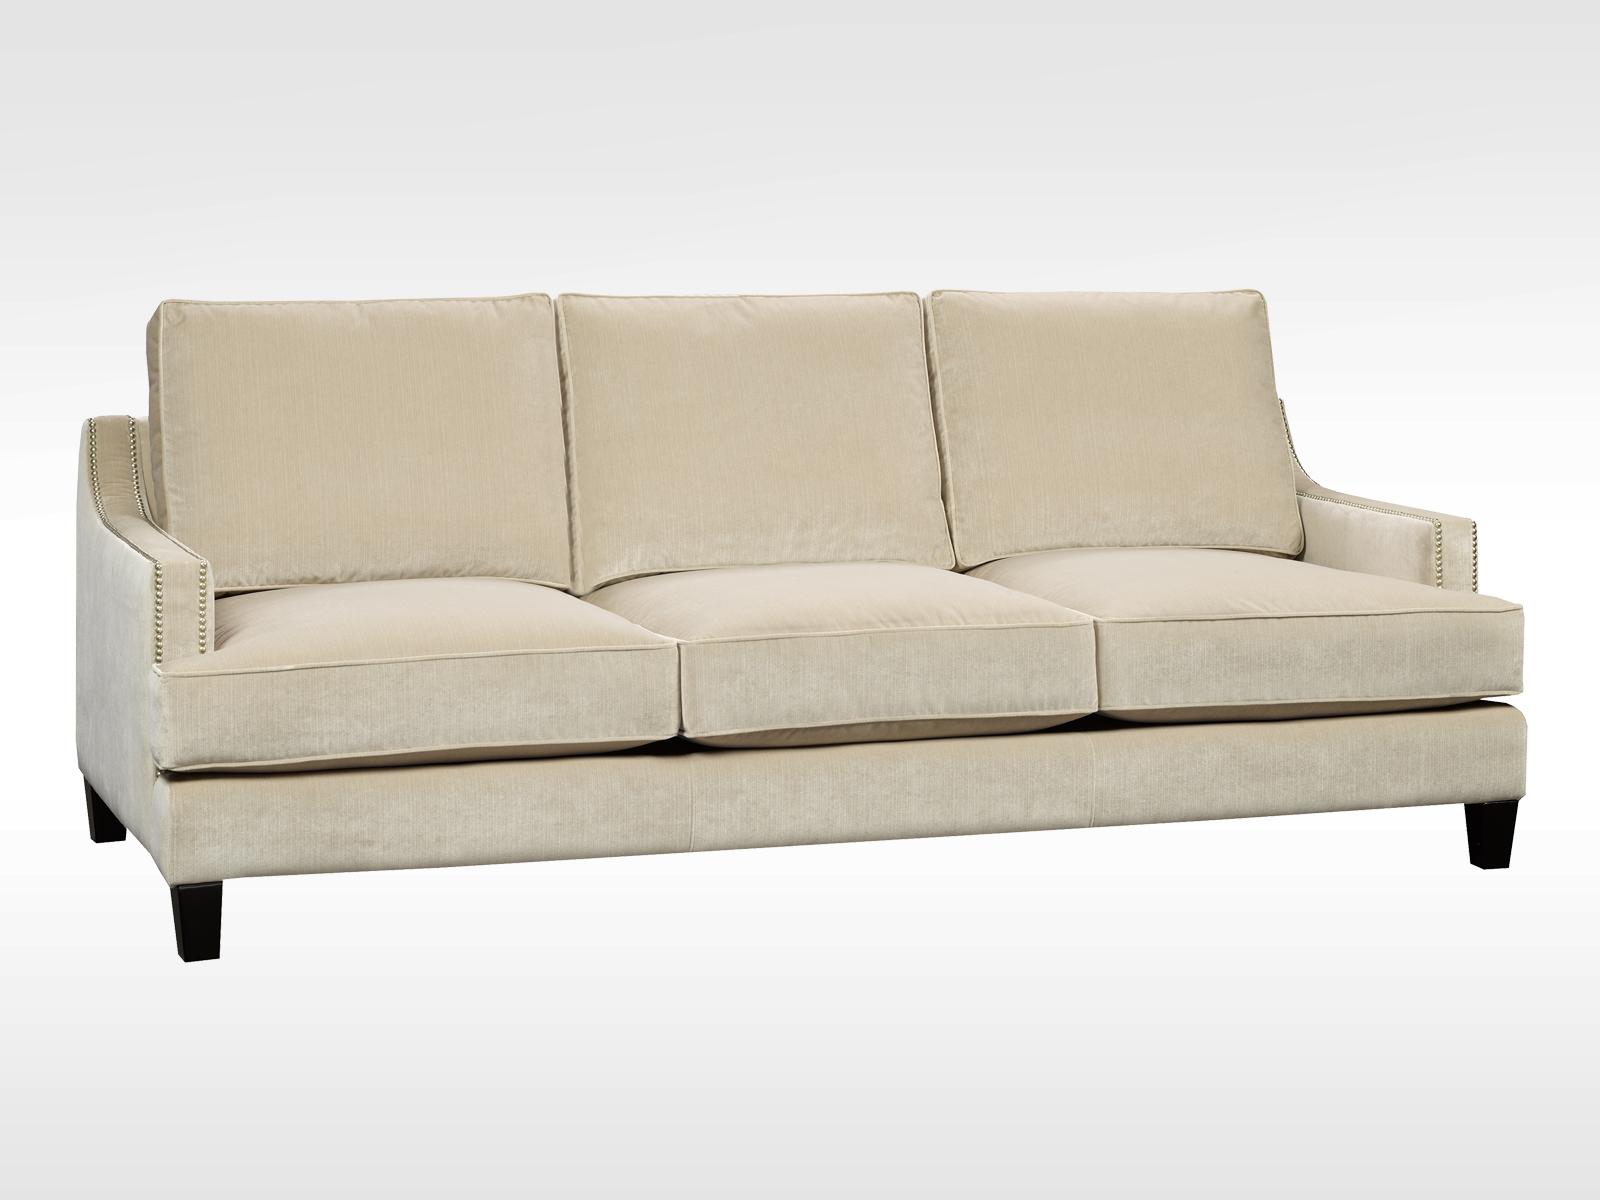 Sloan Amish Furniture Designed